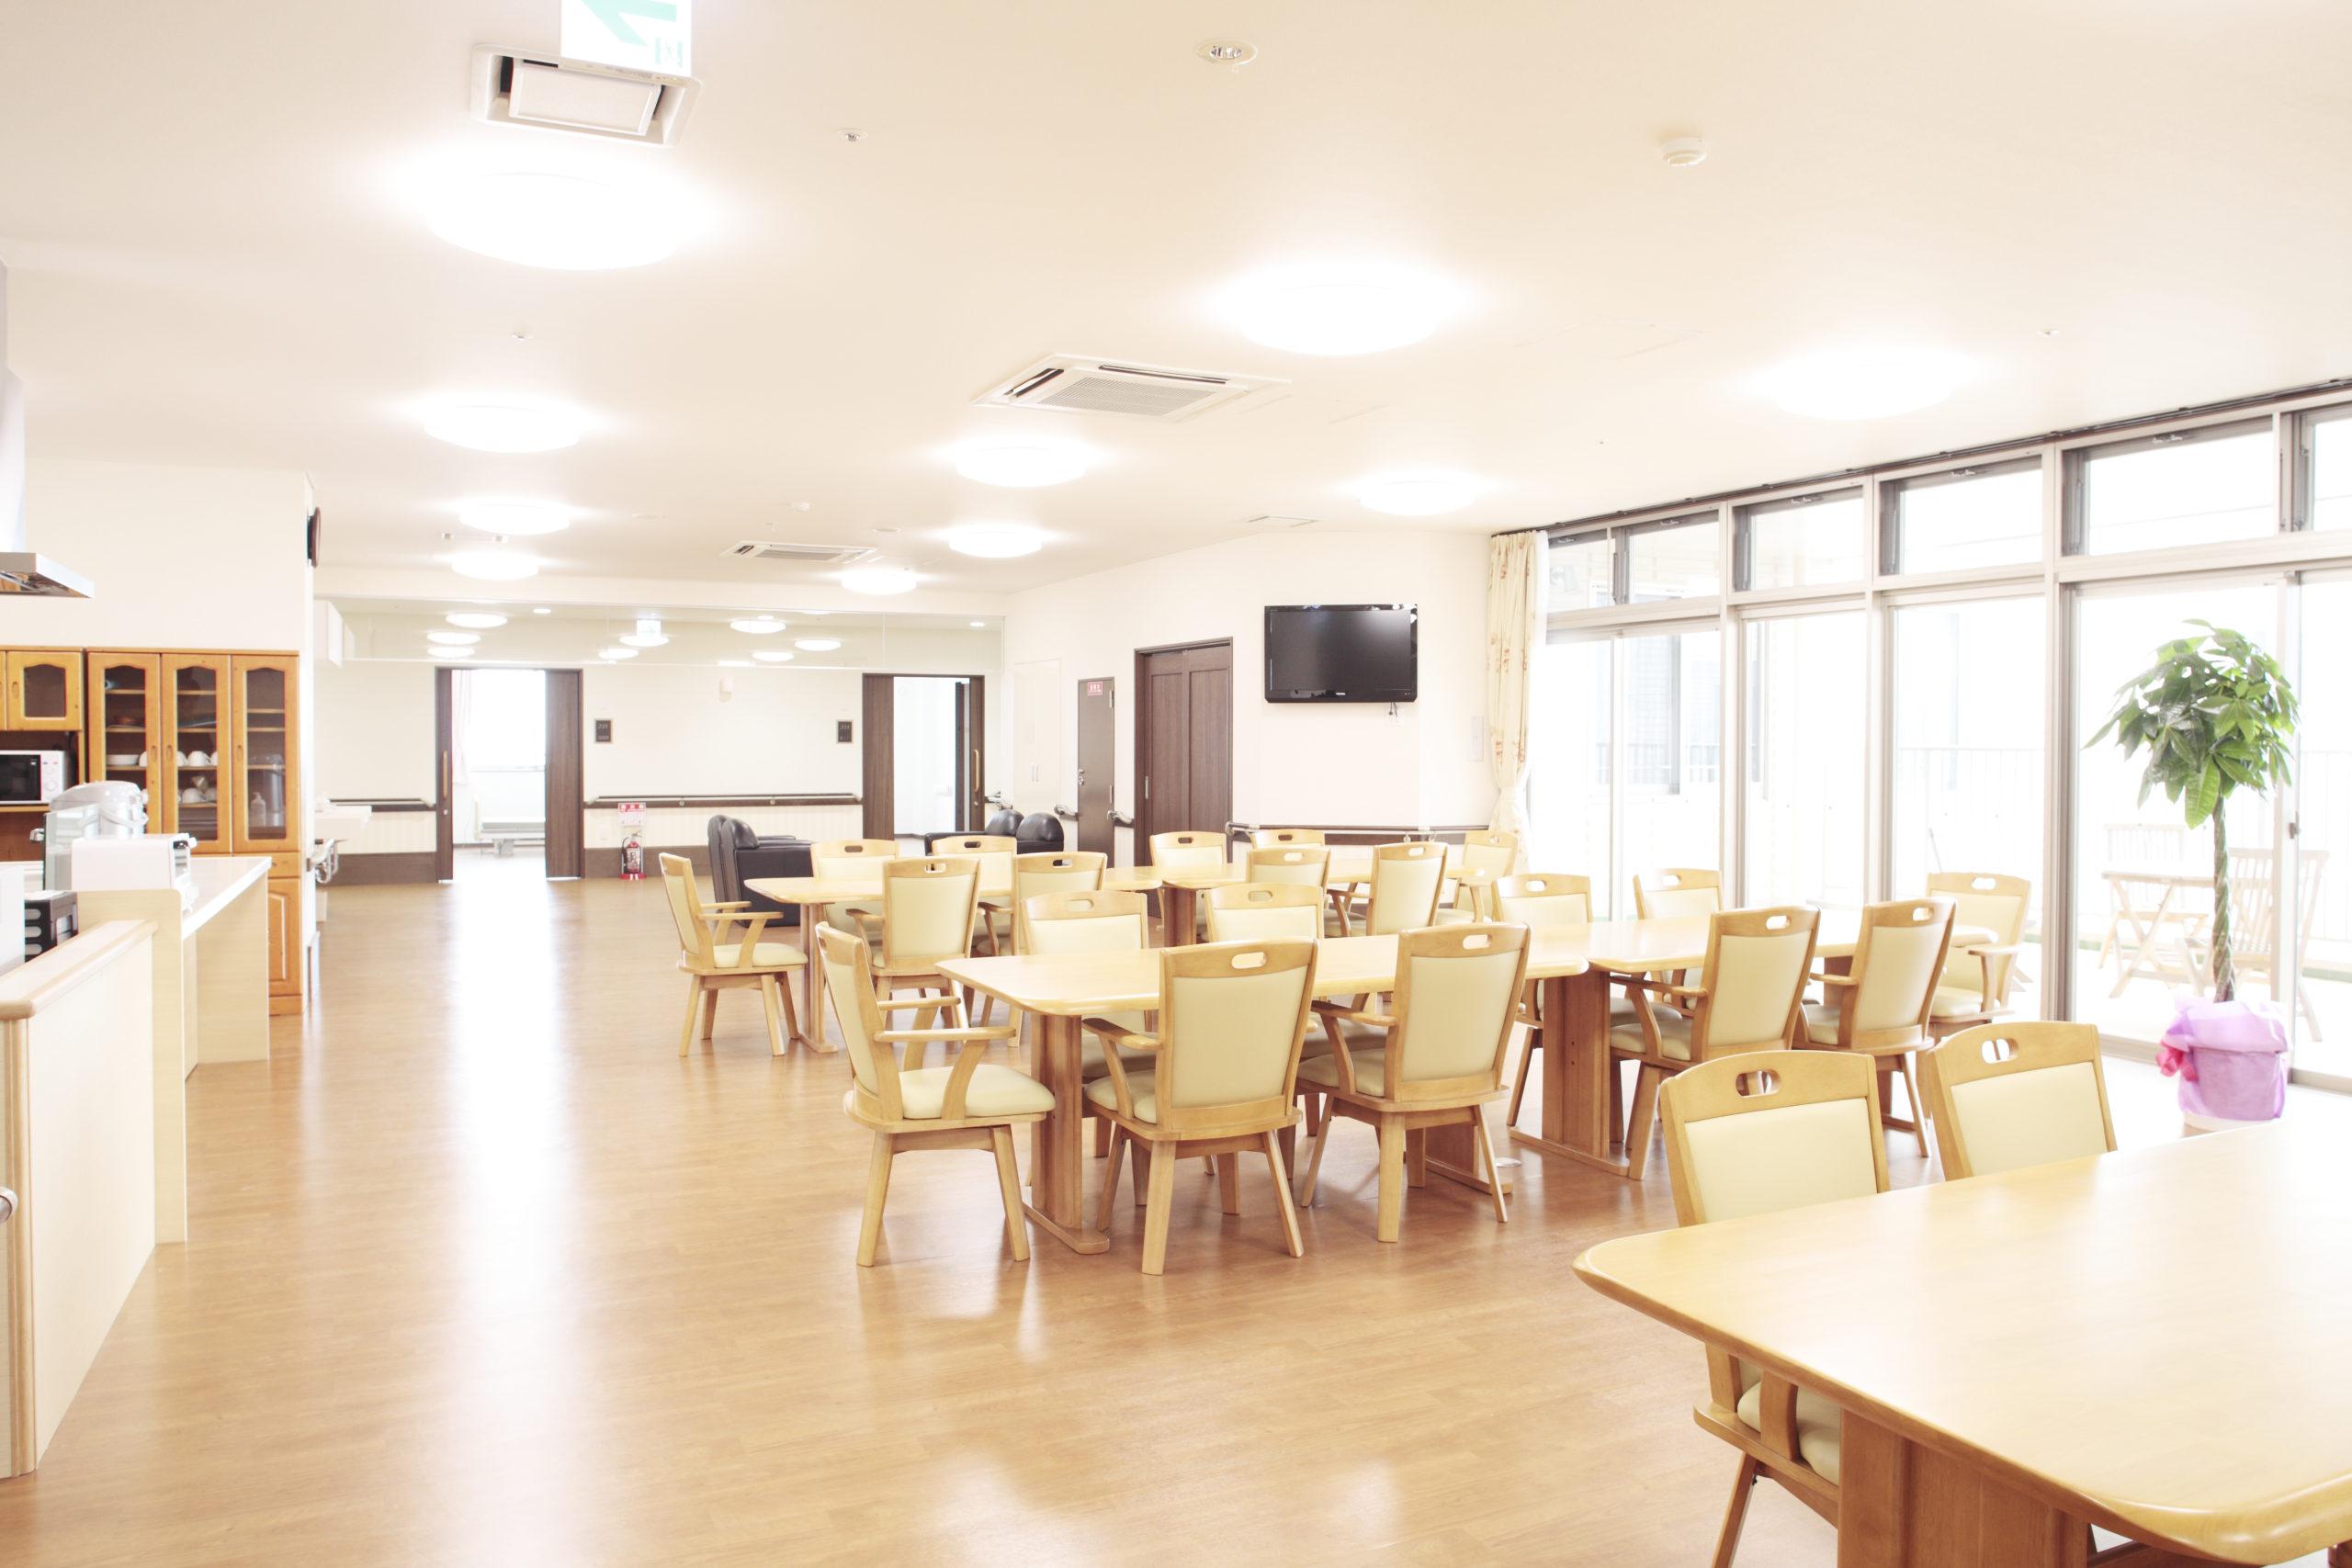 介護付有料老人ホーム (一般型特定施設入居者生活介護) ウェルハウスのぞみサンピア 別館3階